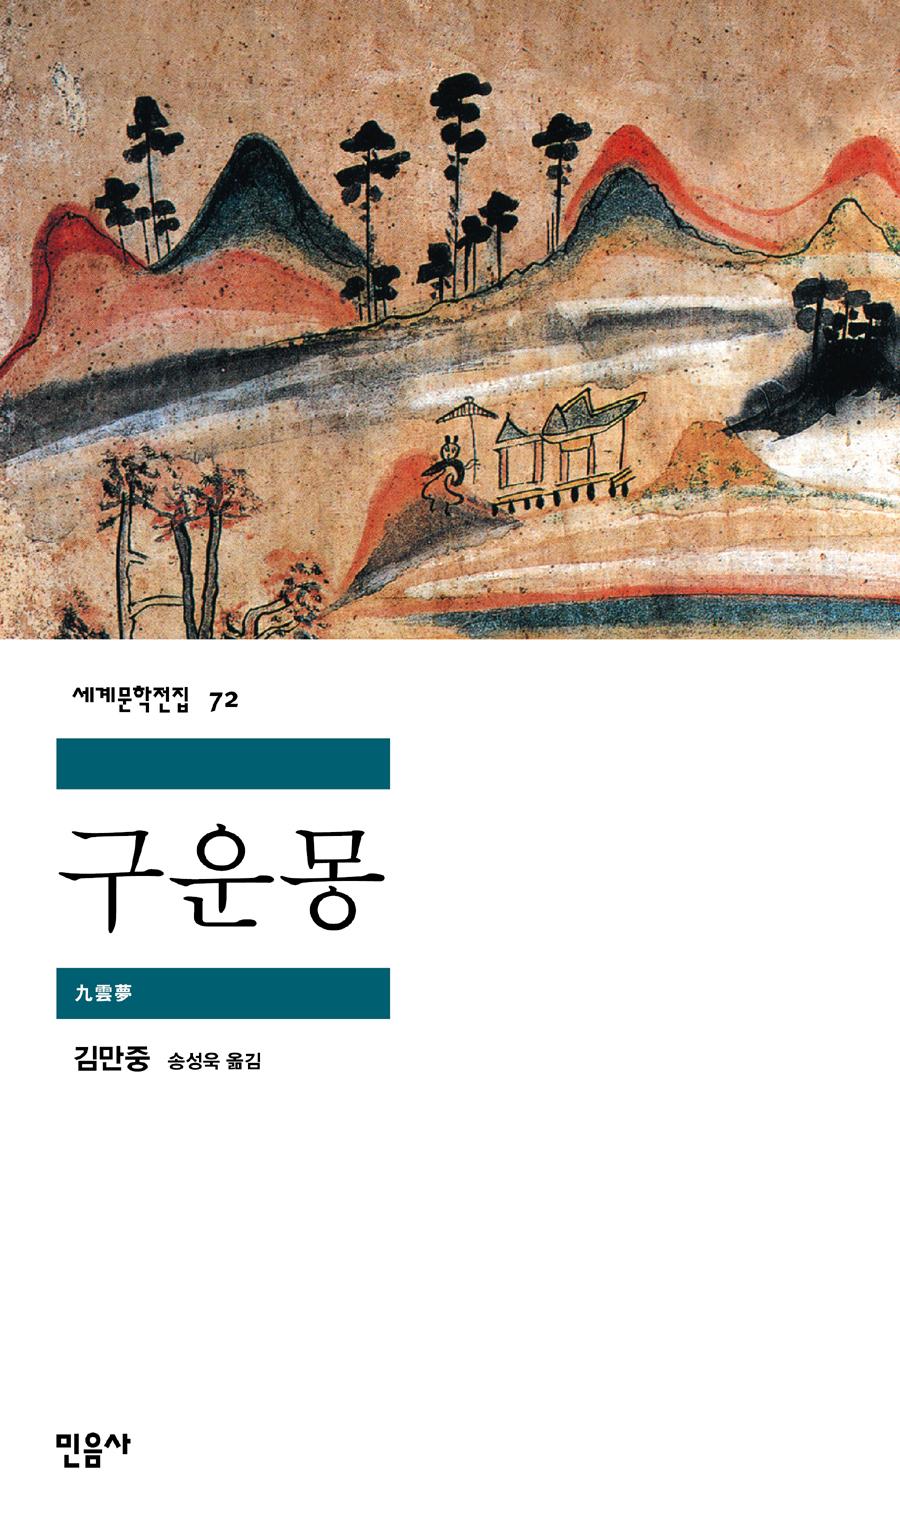 [고전읽기-043] 구운몽(김만중) 민음사 세계문학 72